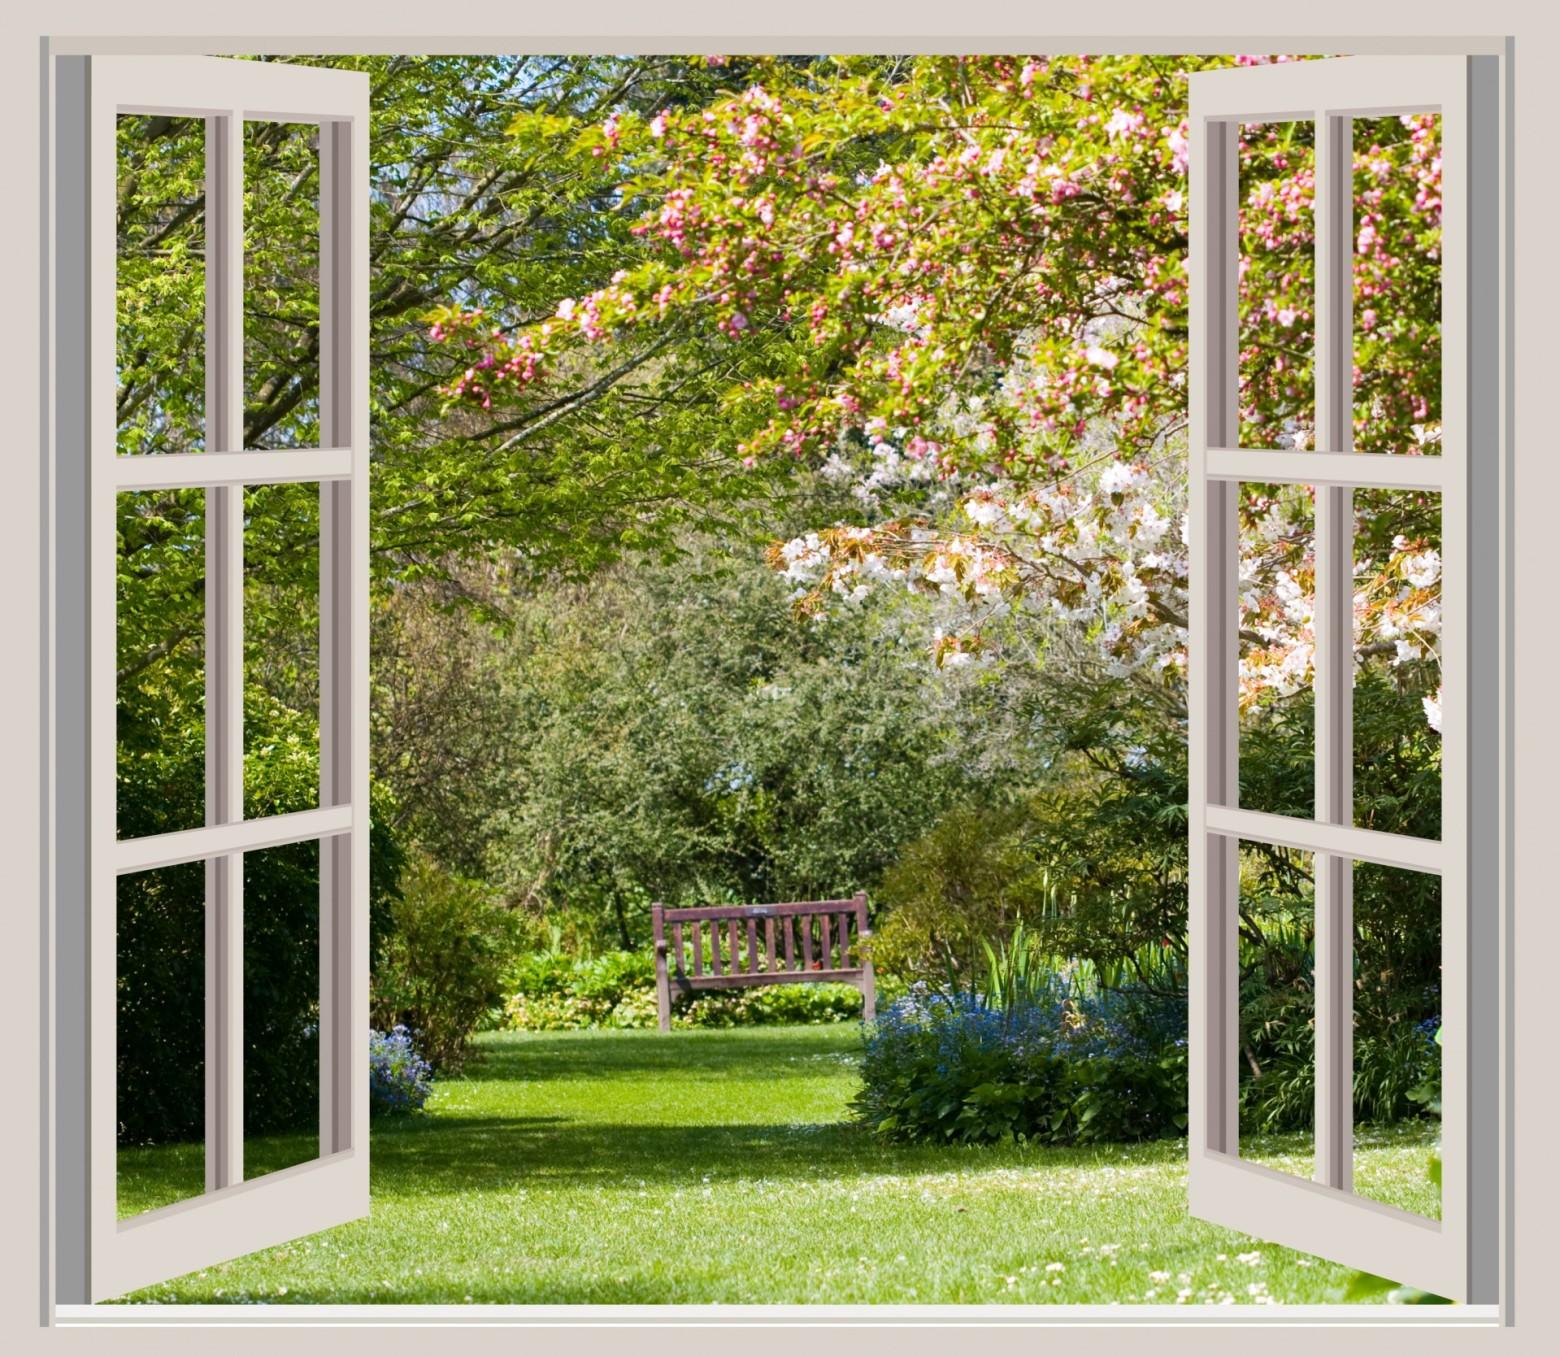 Fen tre ouverte et vue sur un jardin de fleurs images for La fenetre ouverte